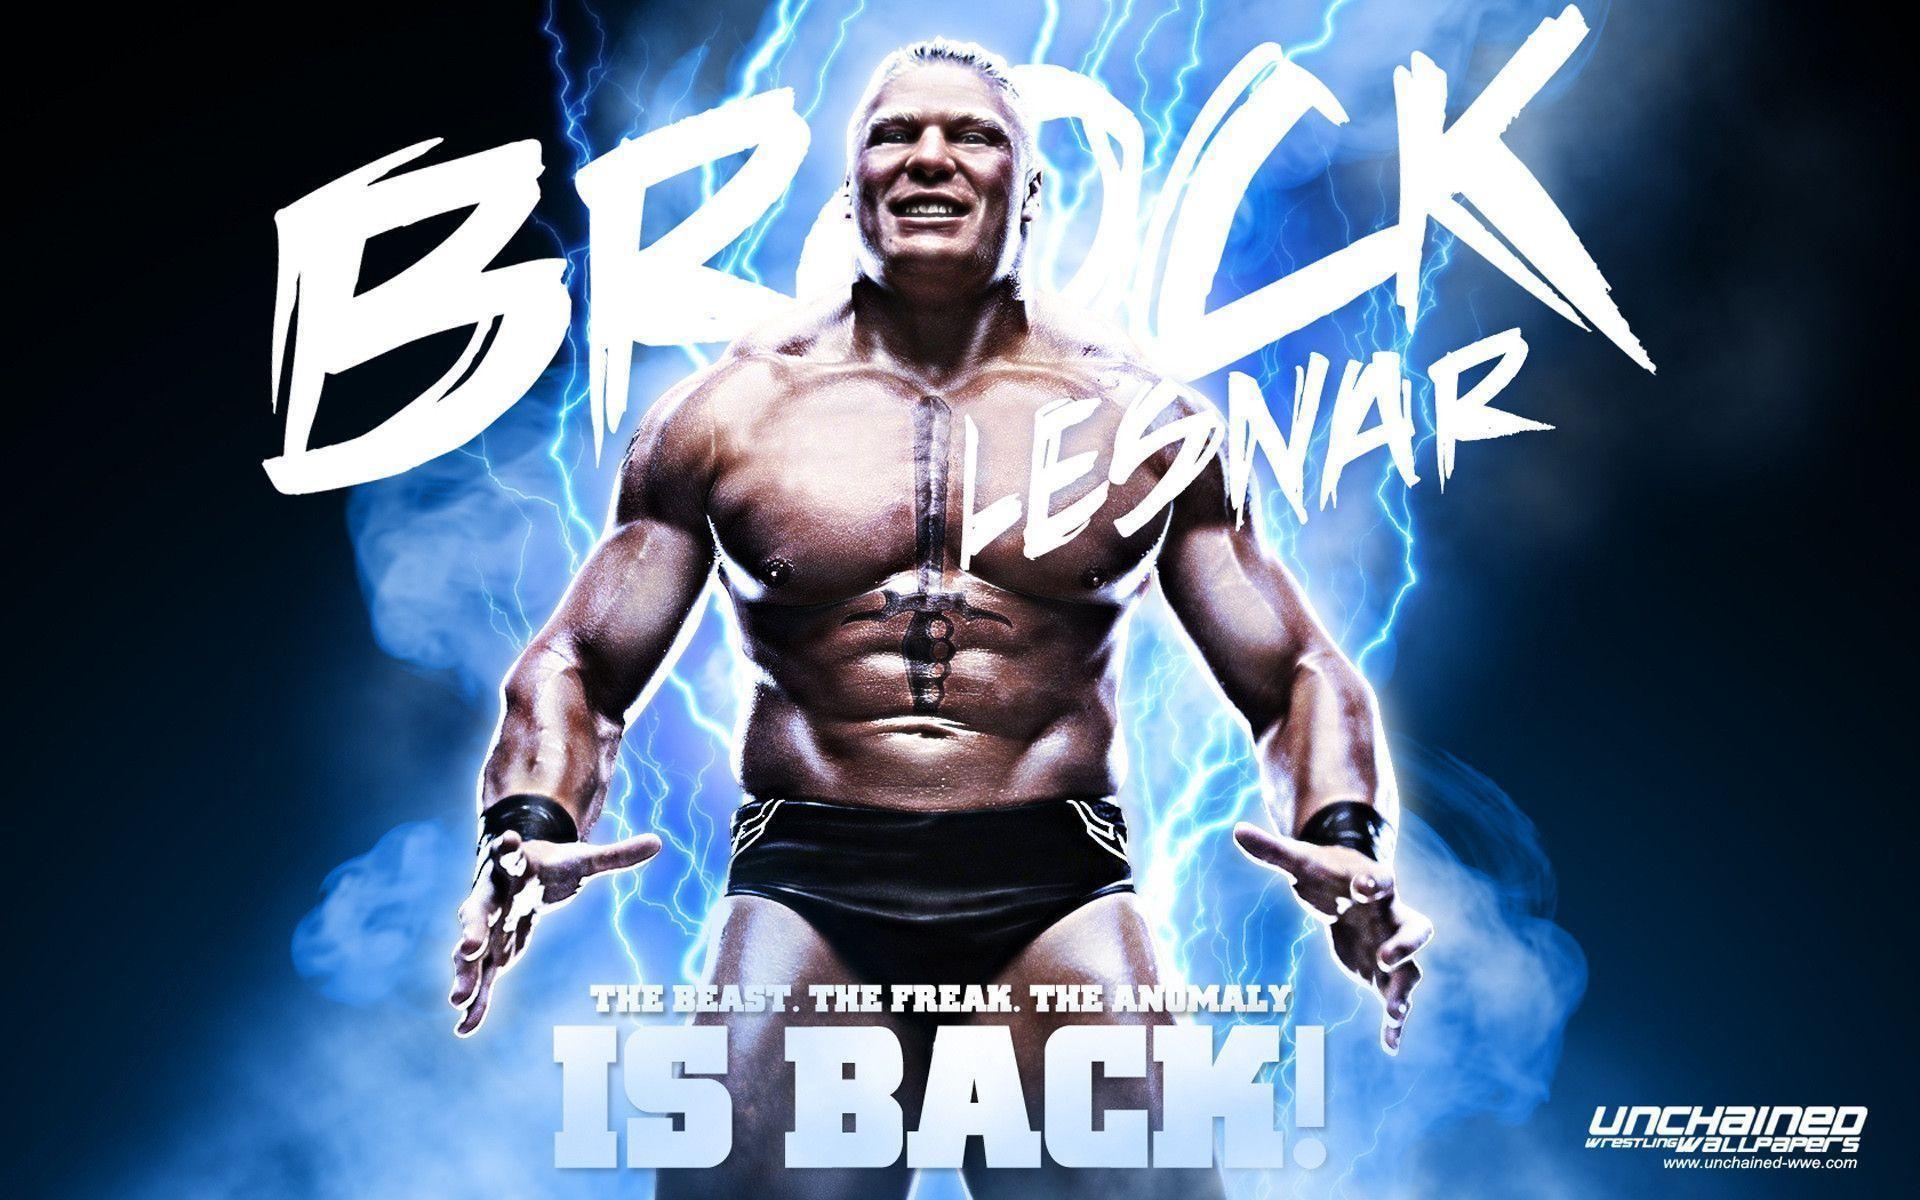 Brock Lesnar Wallpapers – Full HD wallpaper search